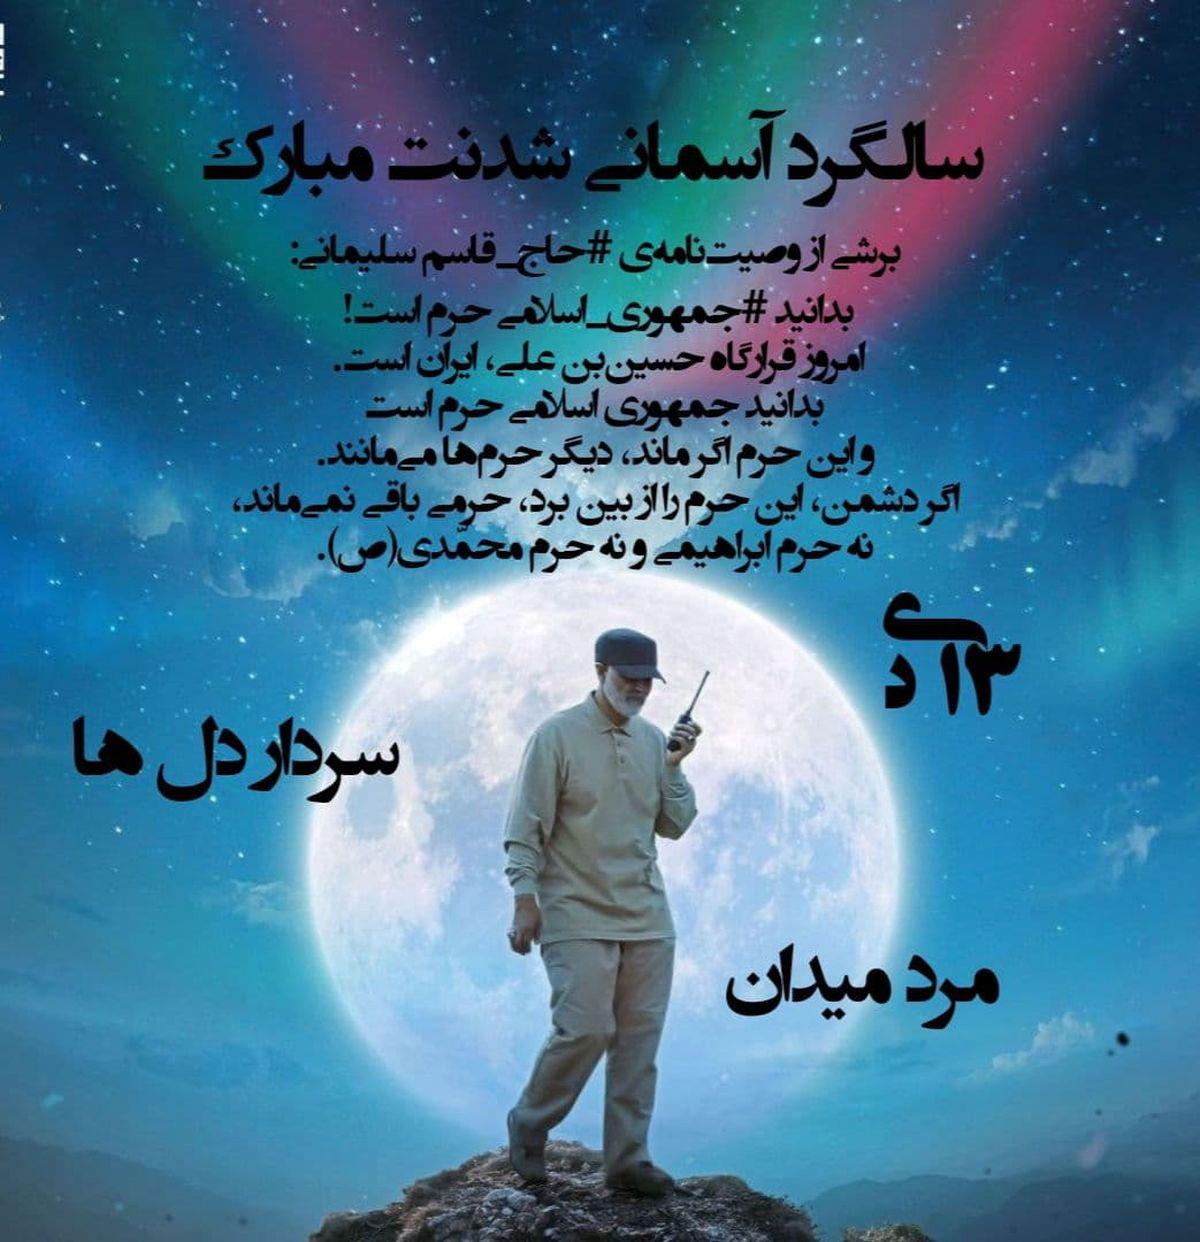 برشی از وصیت نامه شهید سلیمانی +عکس